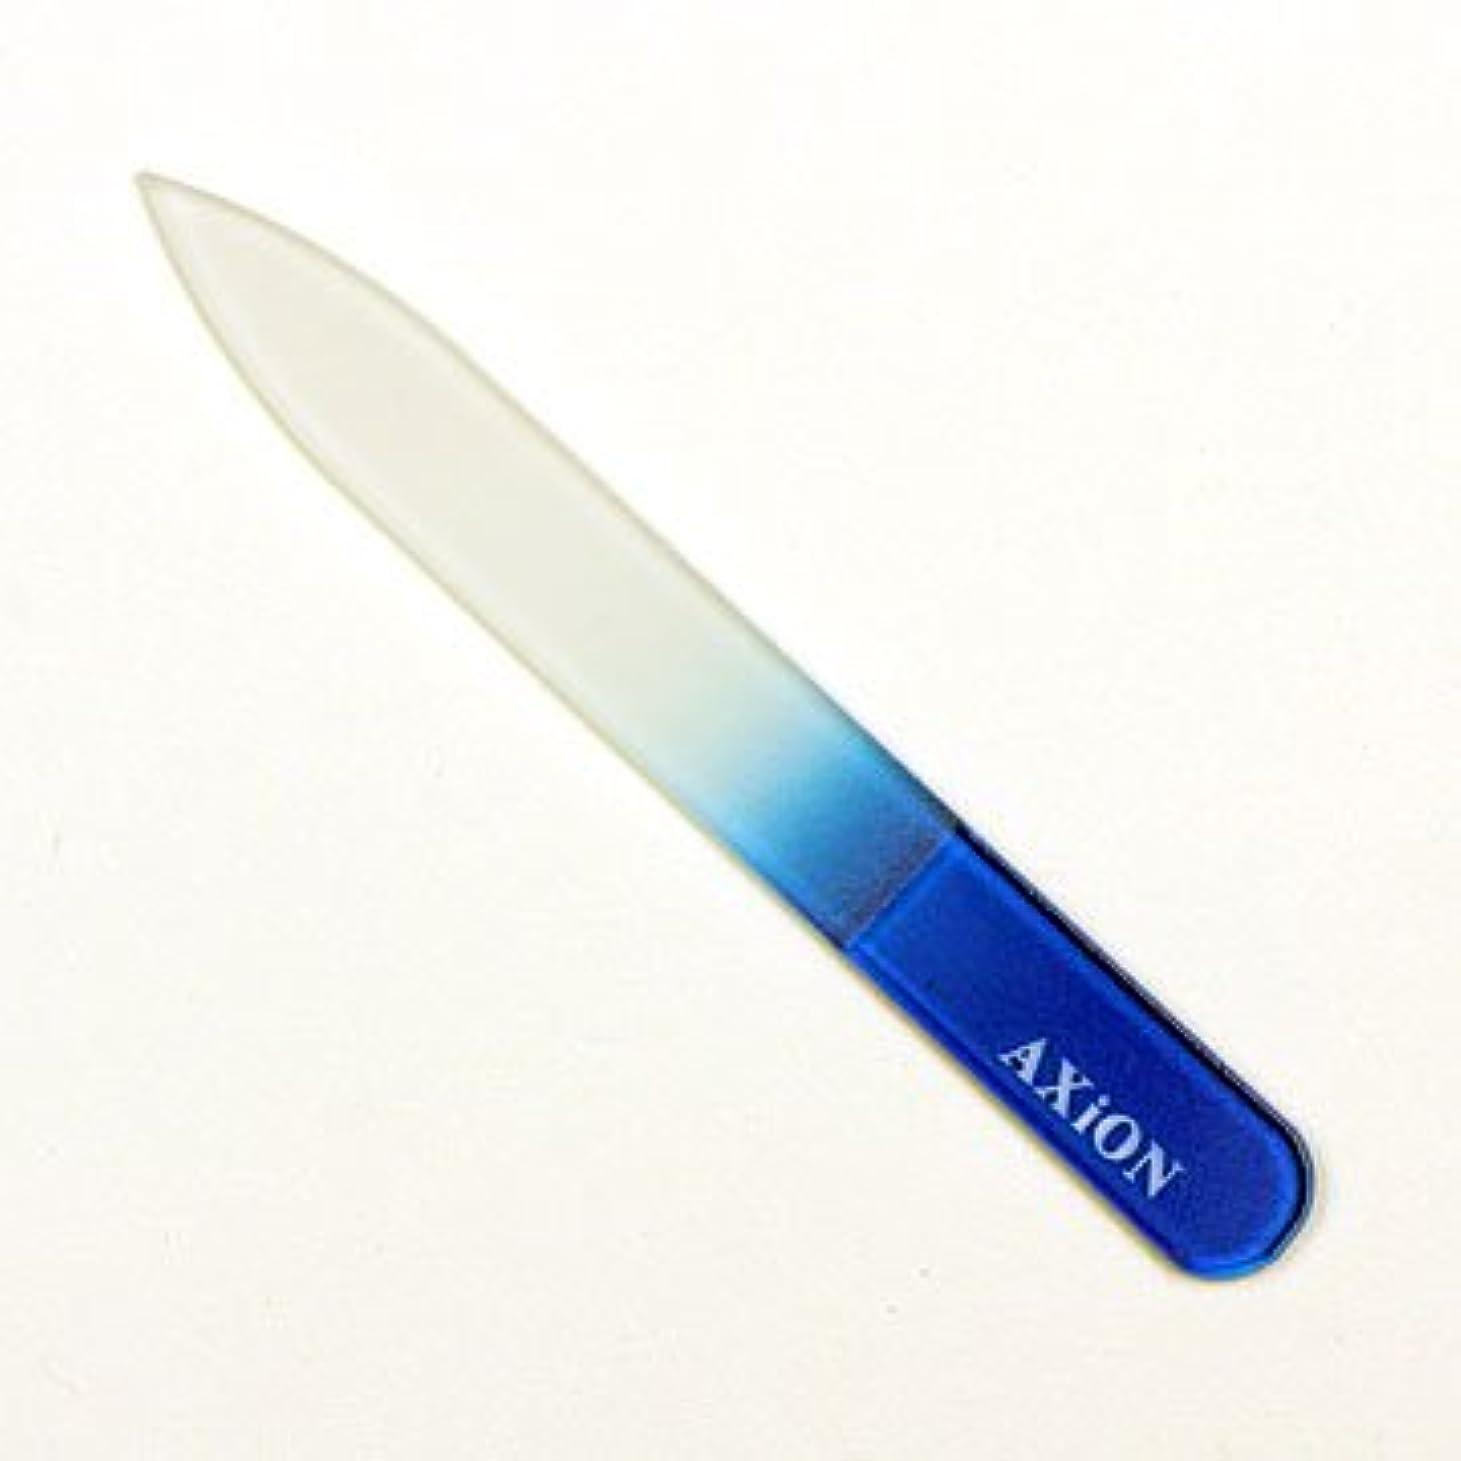 バイアステレックス調停者チェコ製 AXiON(アクシオン)ガラス製爪ヤスリ(ブルー)両面タイプ #slg009567fba